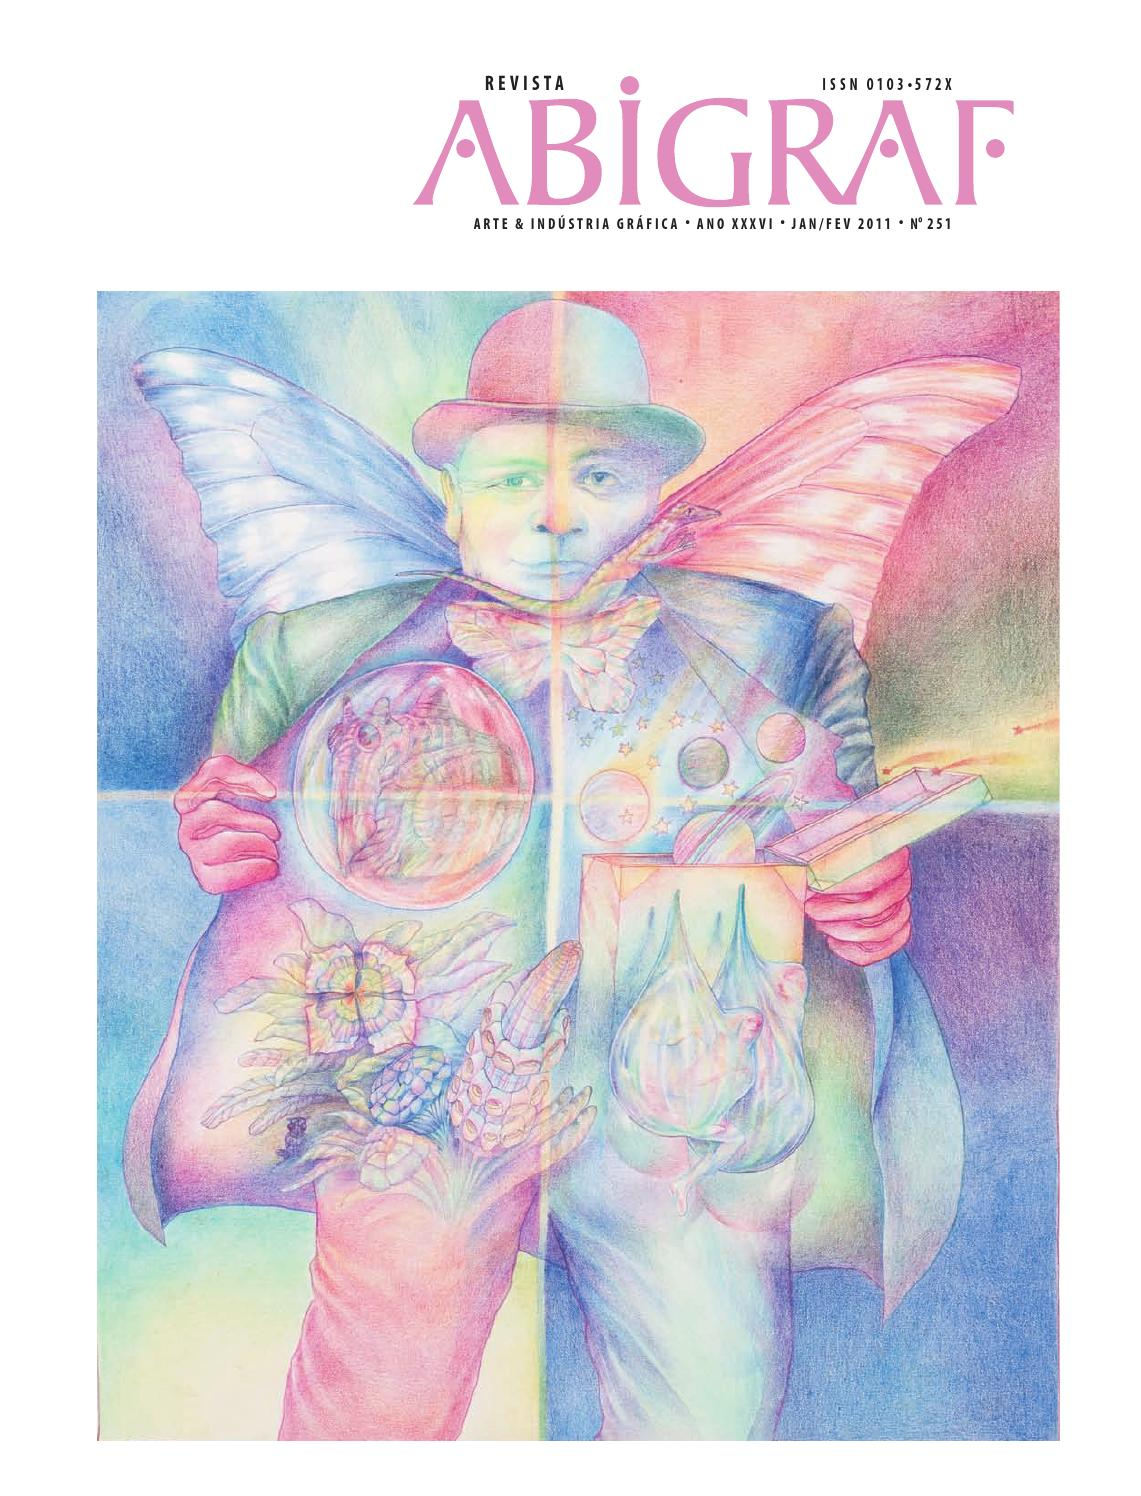 Revista Abigraf 251 by Abigraf - issuu 07b4eae985ff4